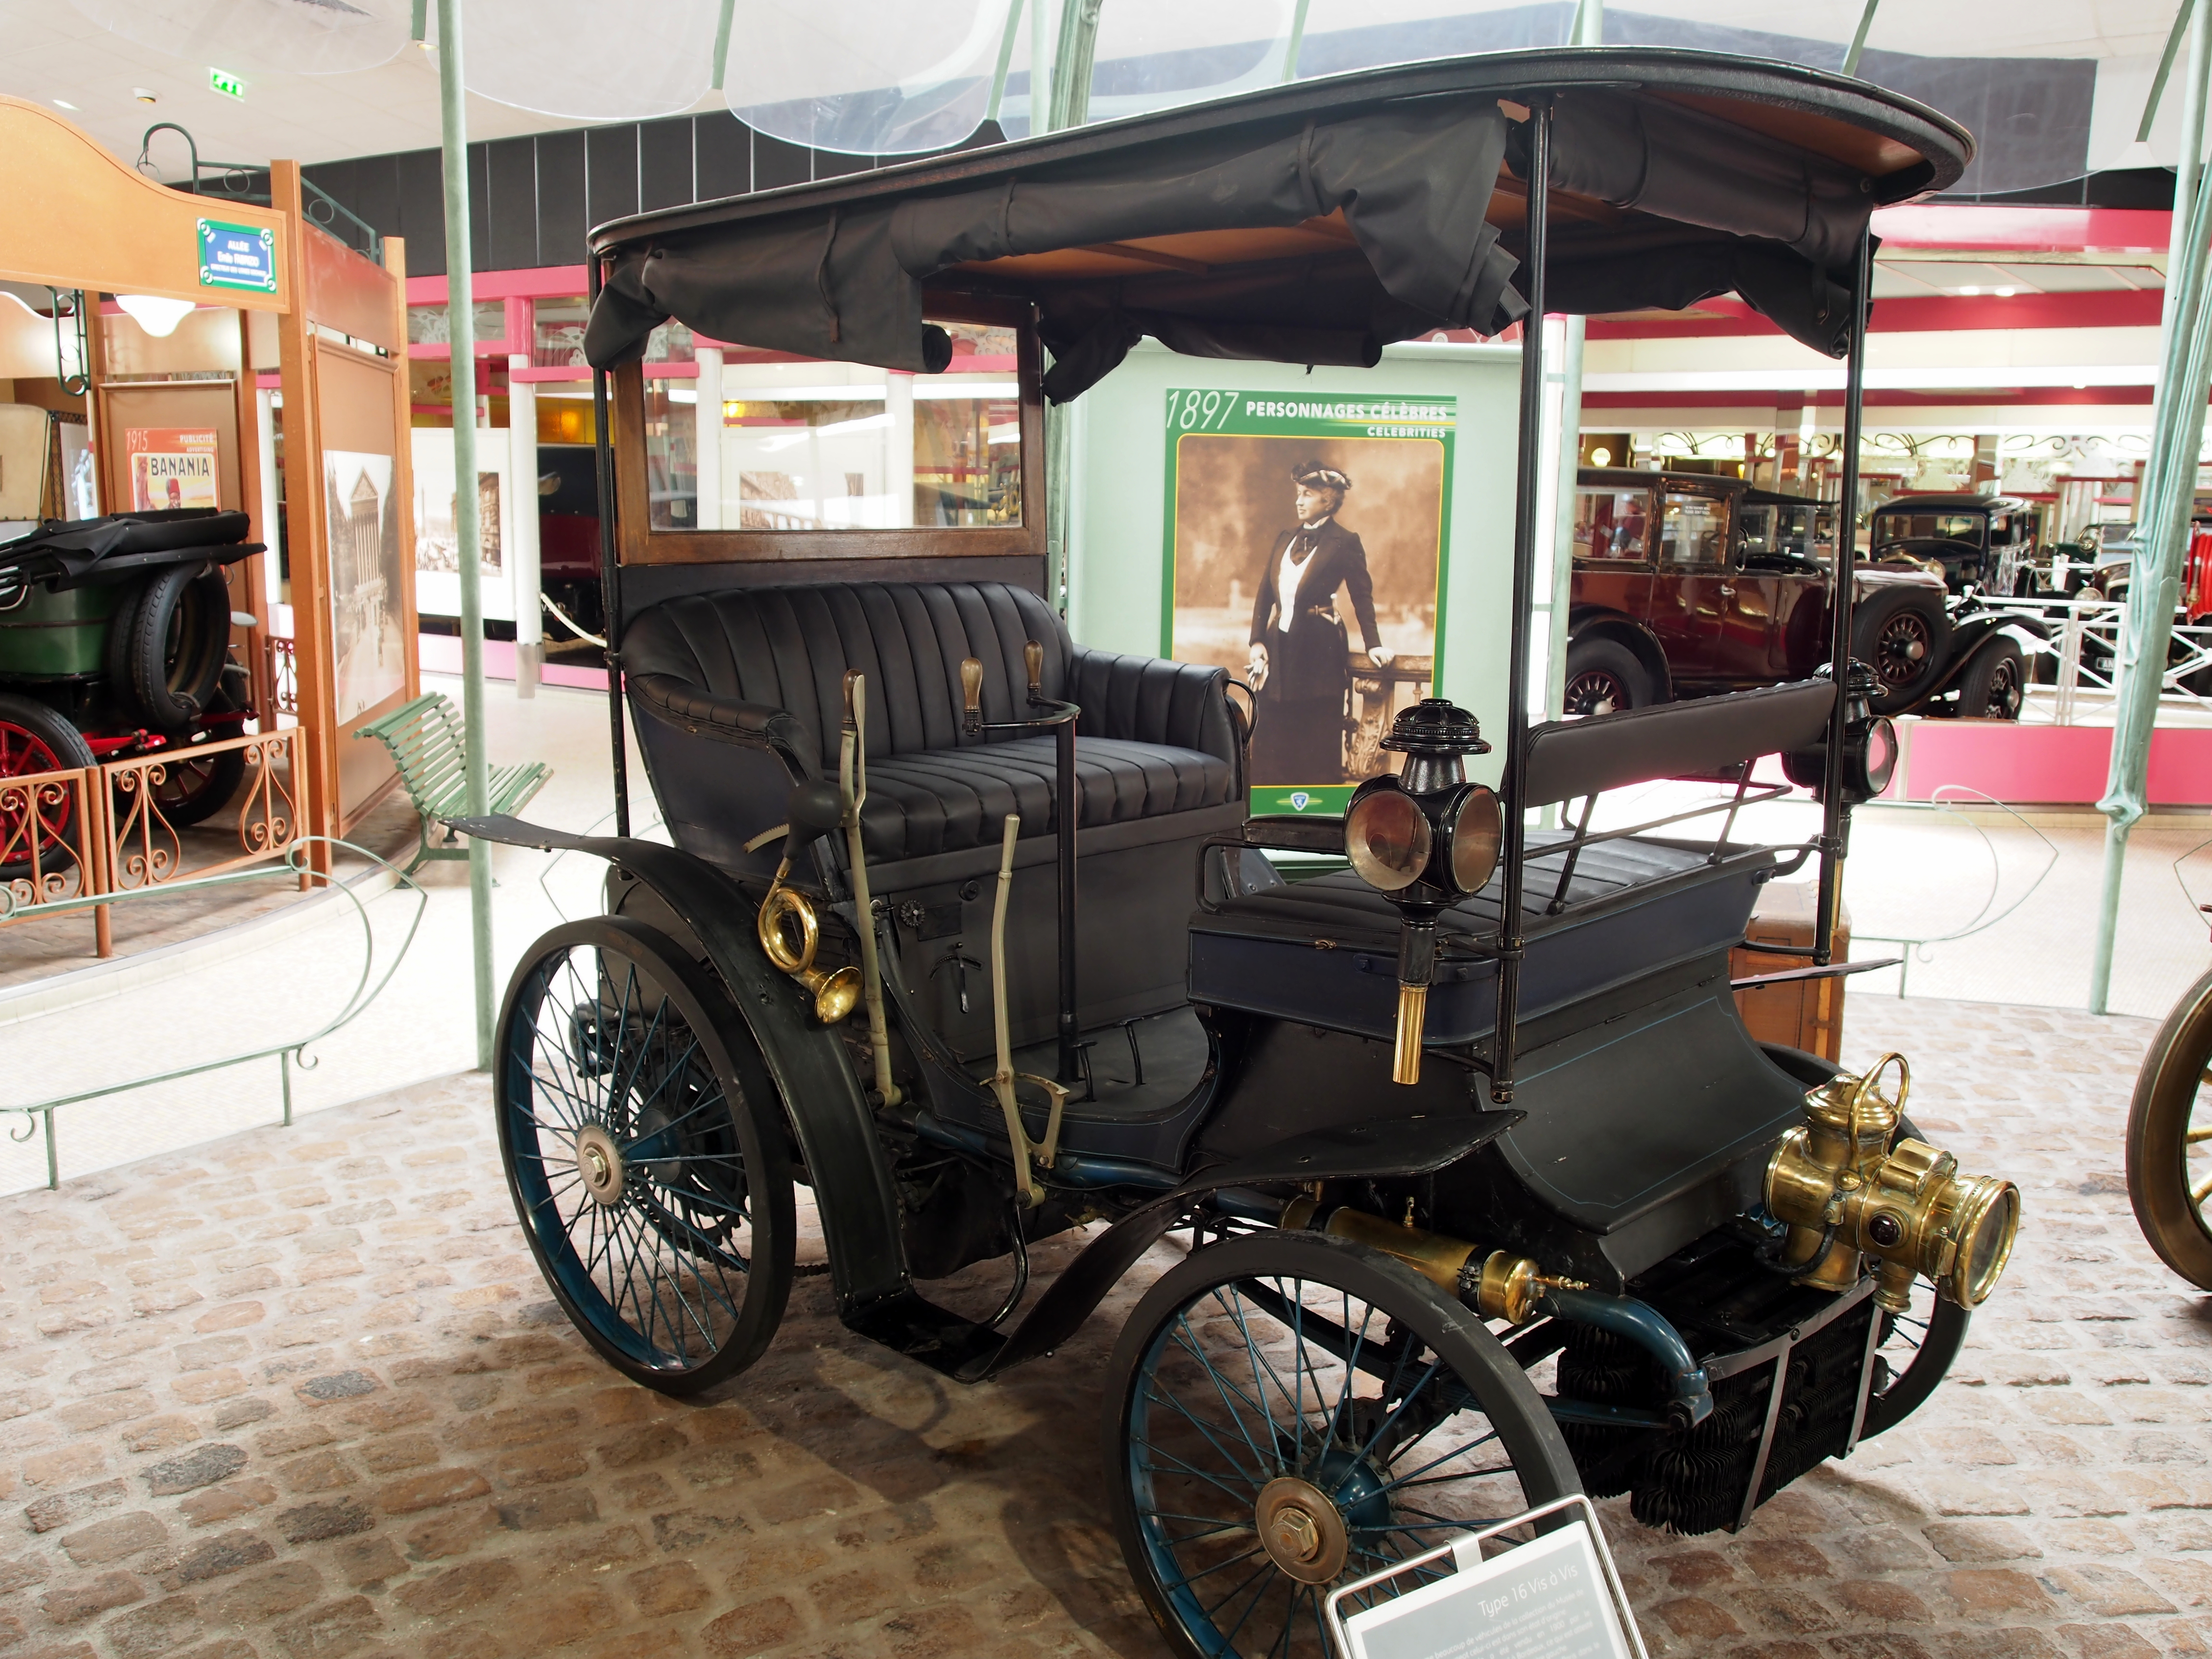 1897-1900_Peugeot_Type_16_Vis_à_Vis_photo_1